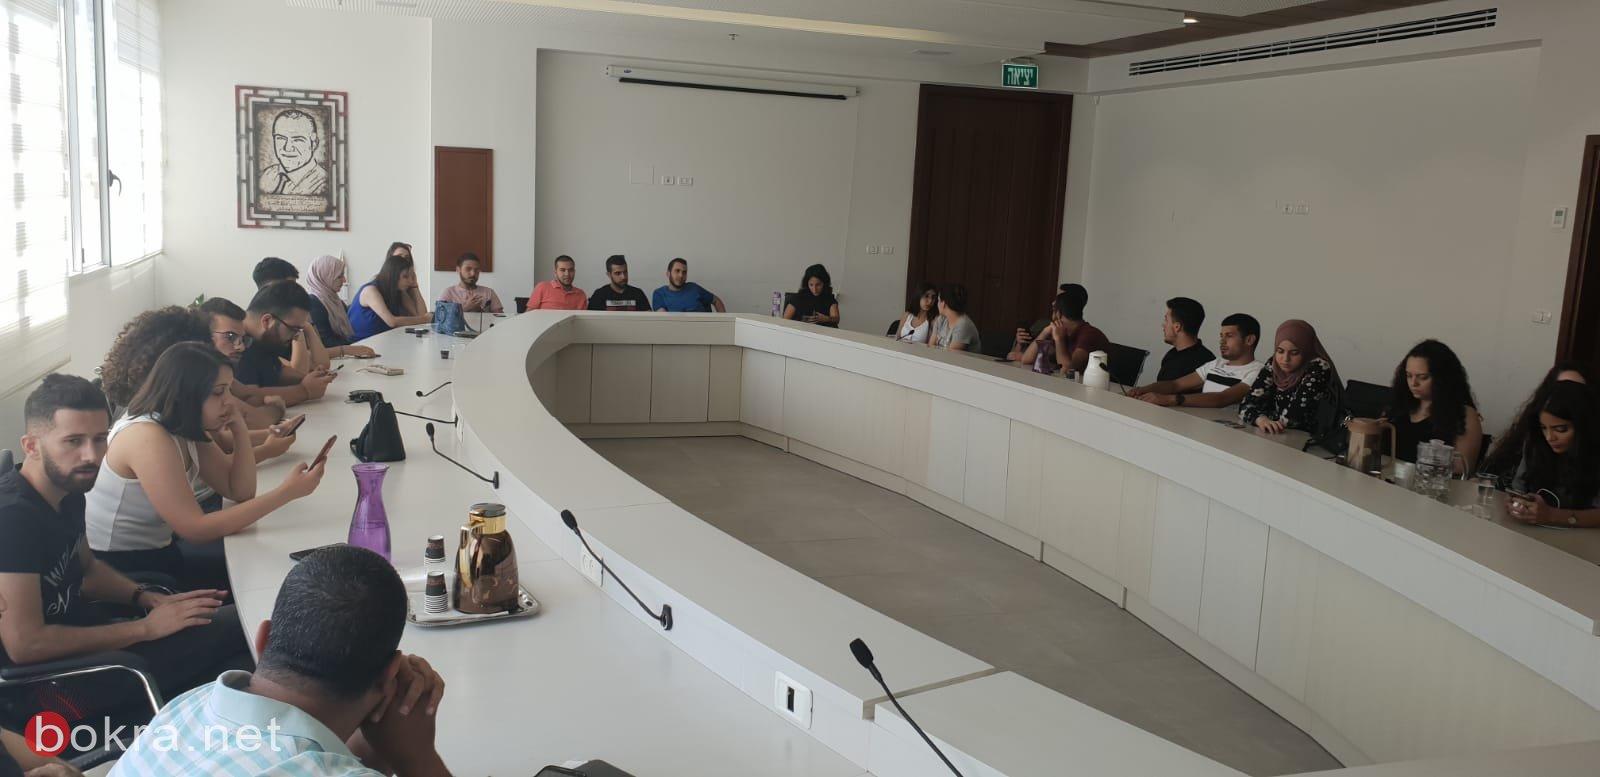 الناصرة: علي سلام يوزع منح على الطلاب الجامعيين